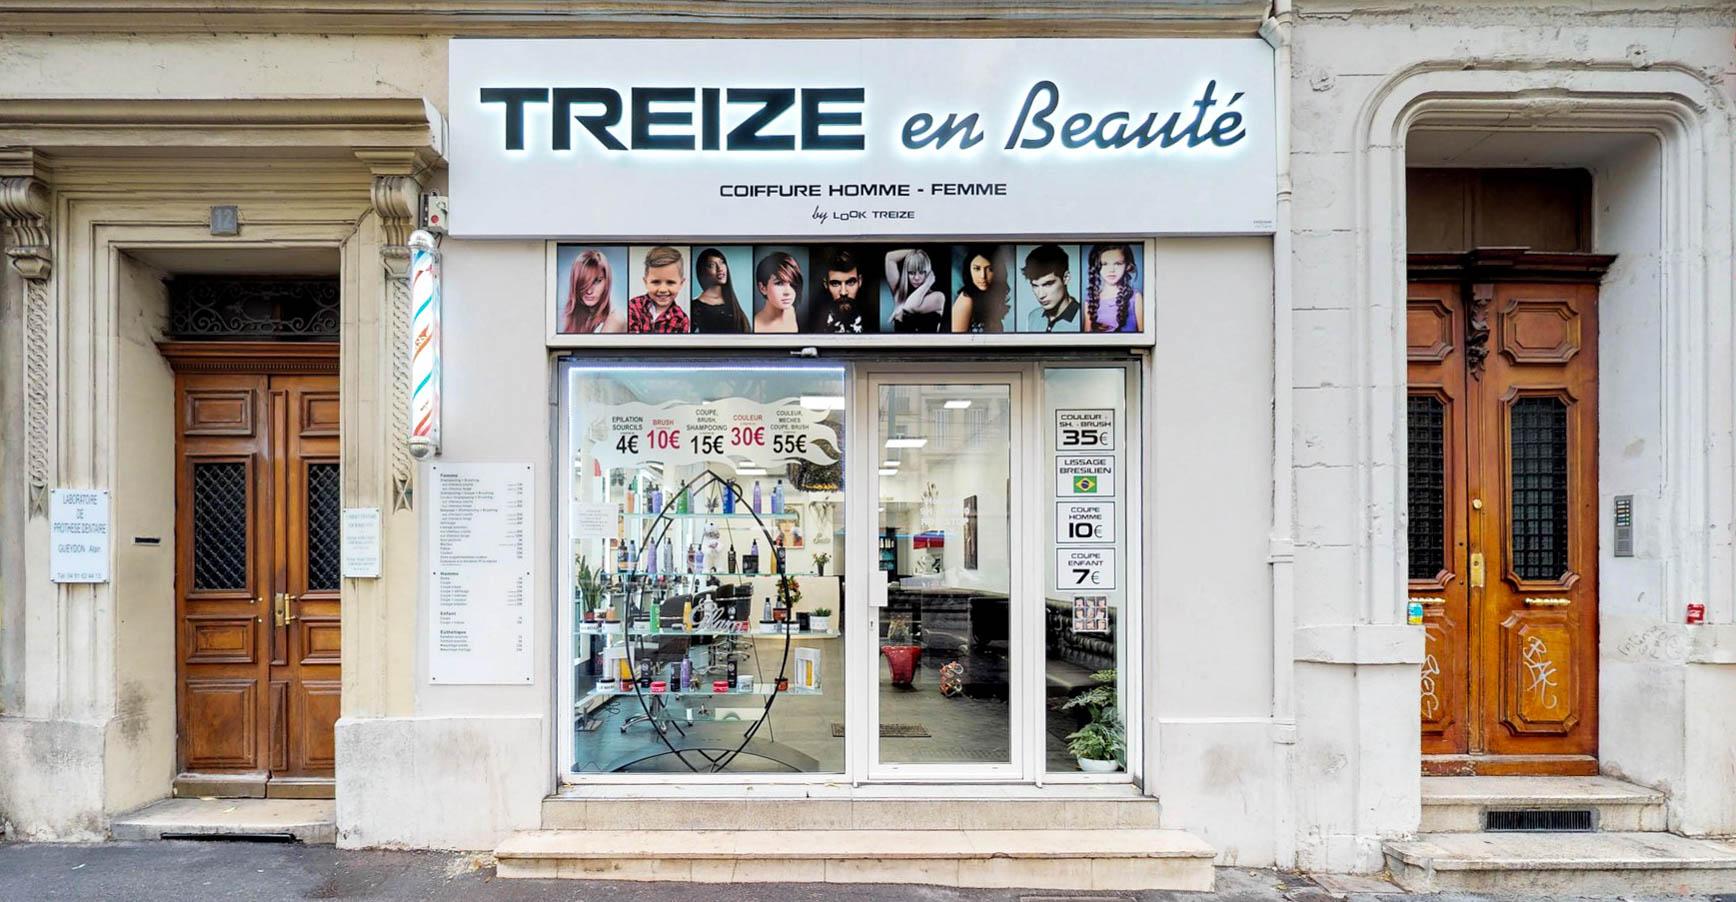 Treize en beauté - Marseille